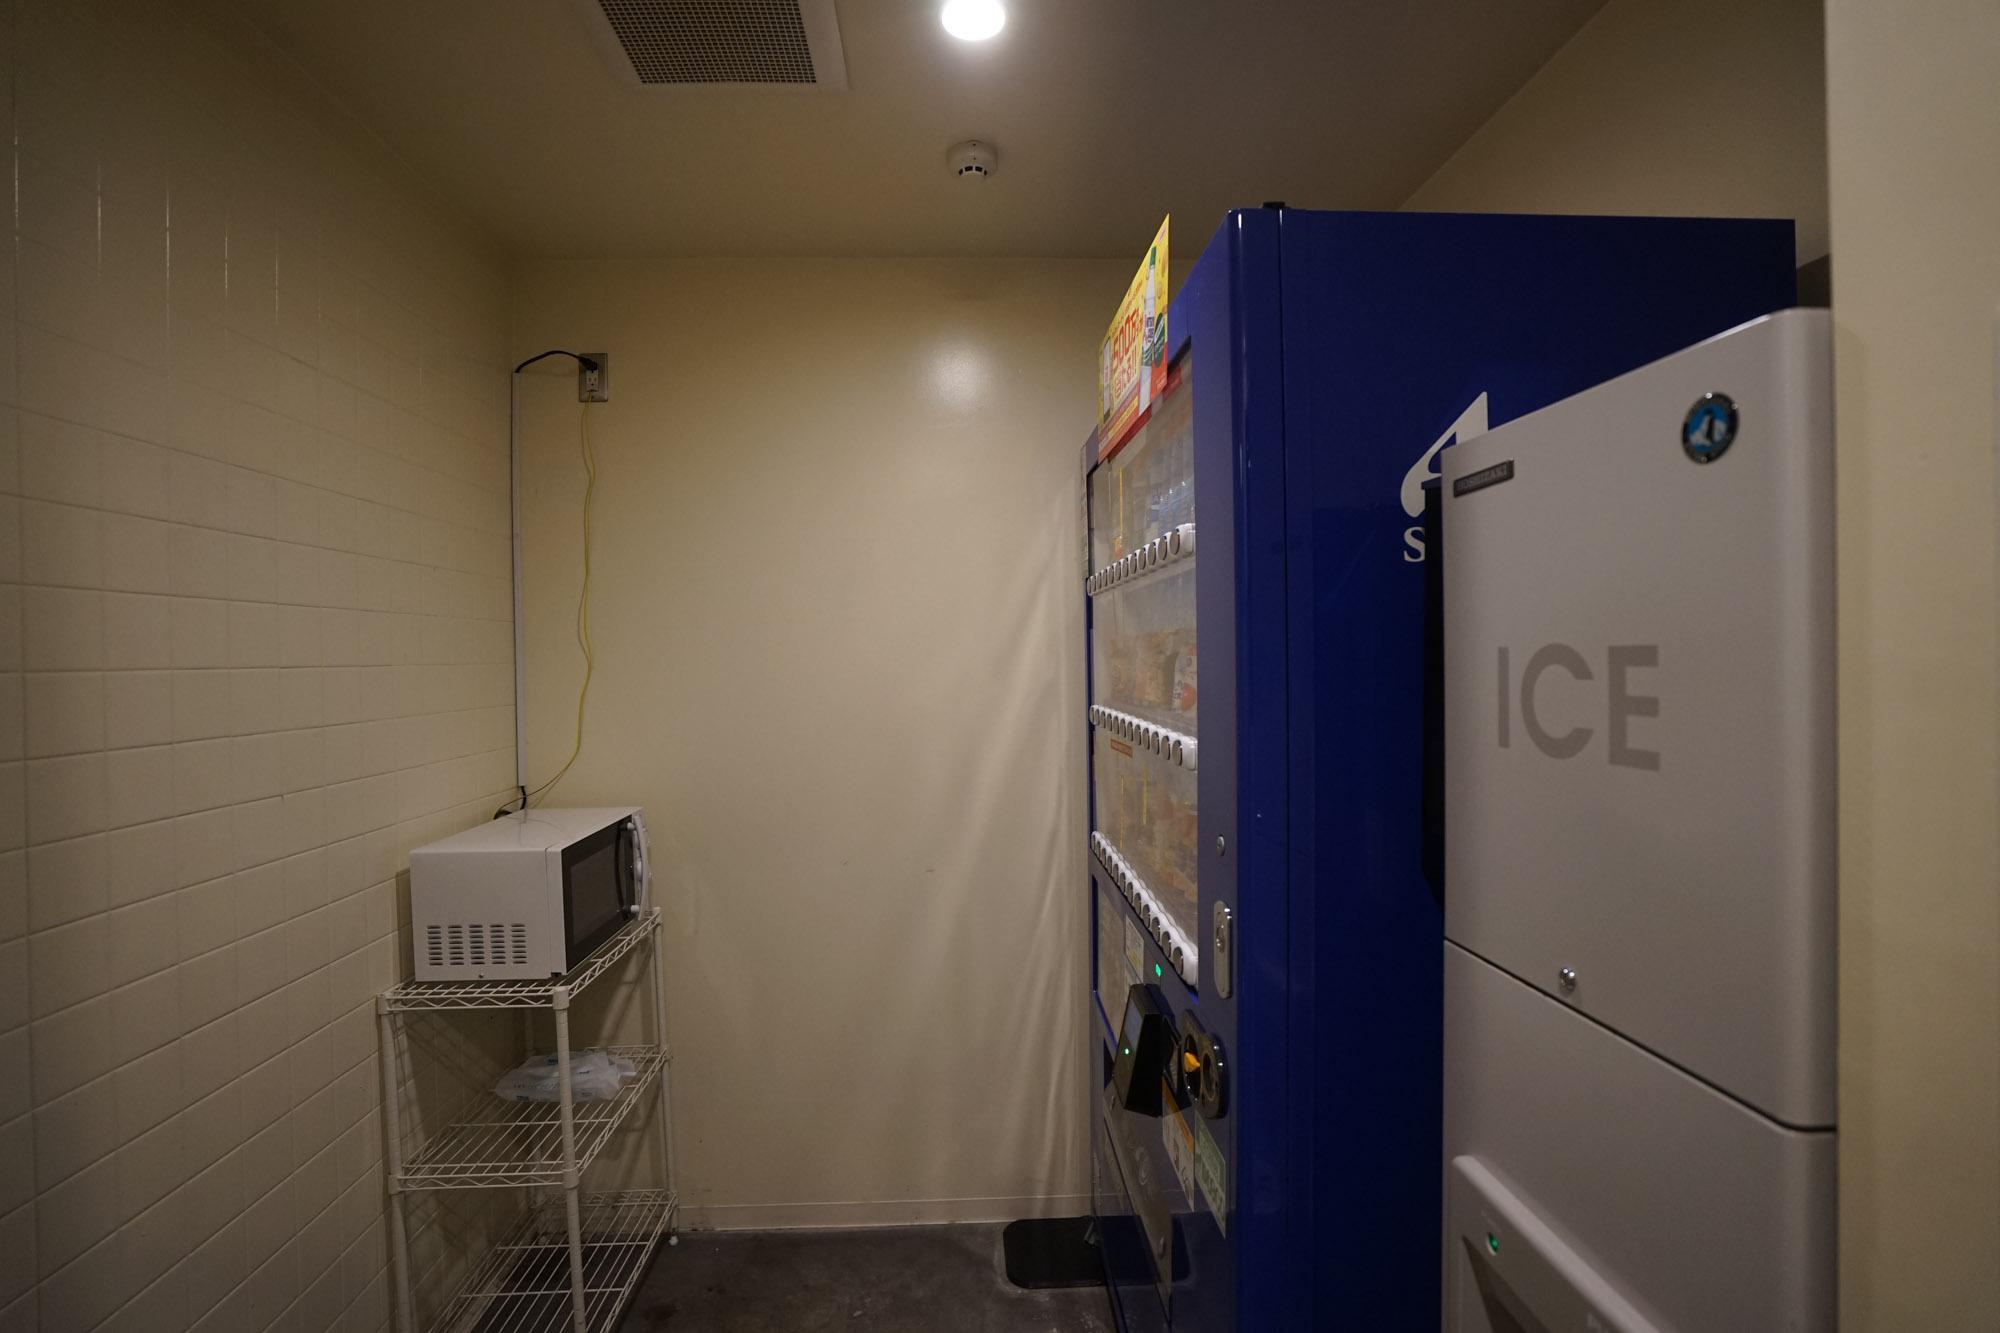 その隣に自販機コーナー。製氷機に、電子レンジも揃っているので、テイクアウトしてきて部屋で食べるときにも安心ですね。